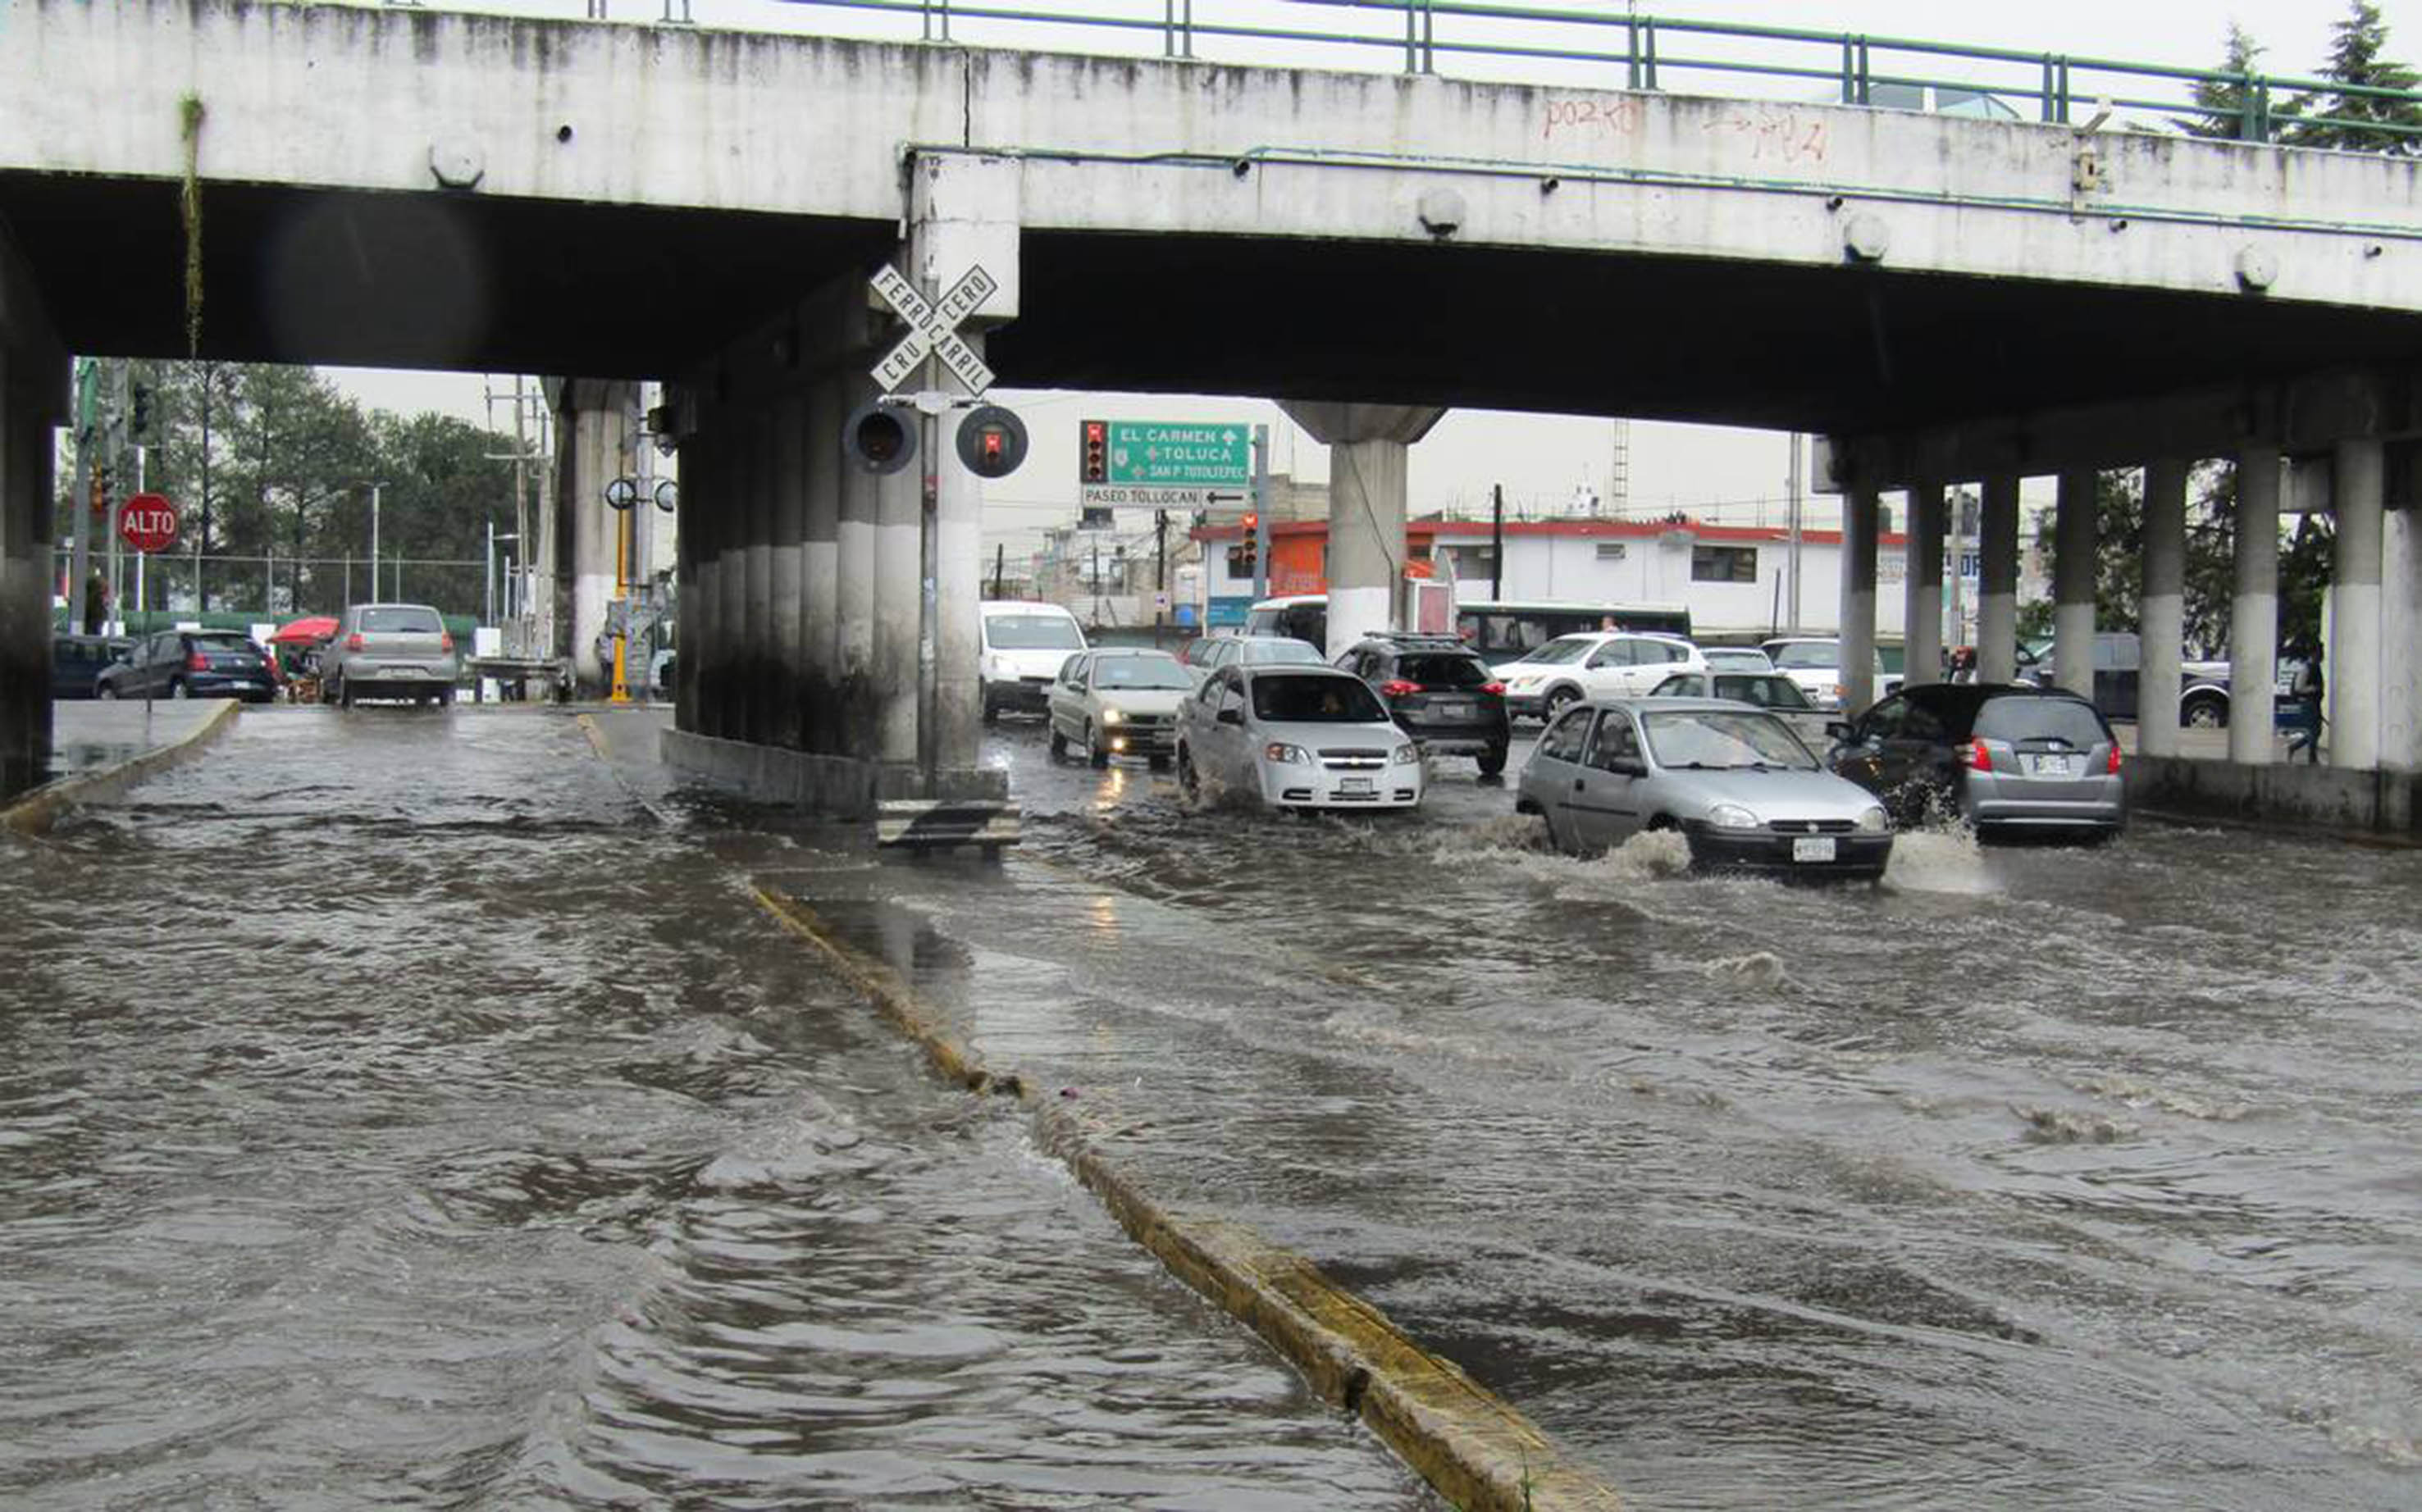 Carencia de agua y presencia de desastres son efectos del cambio climático